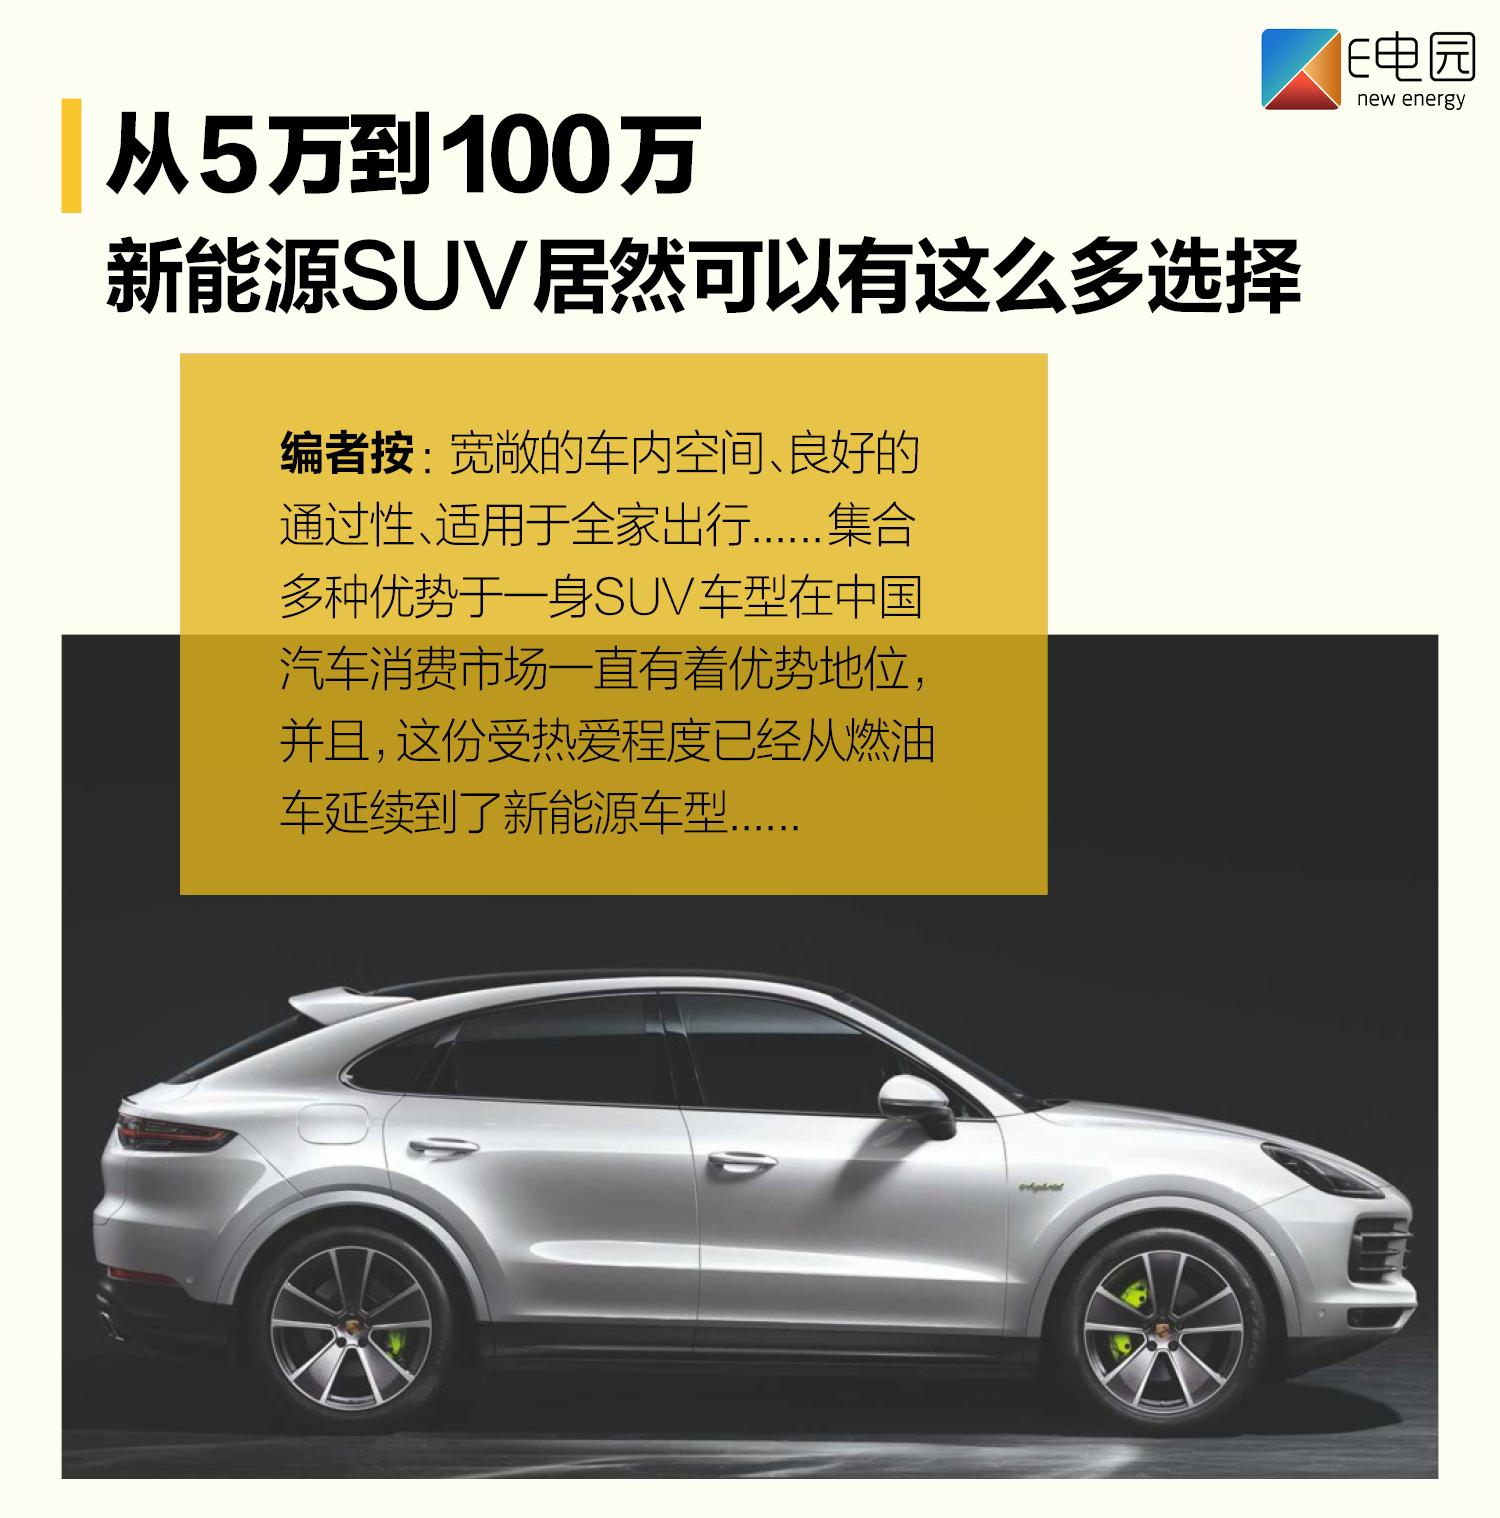 5万到100万 新能源SUV值得入手的车型